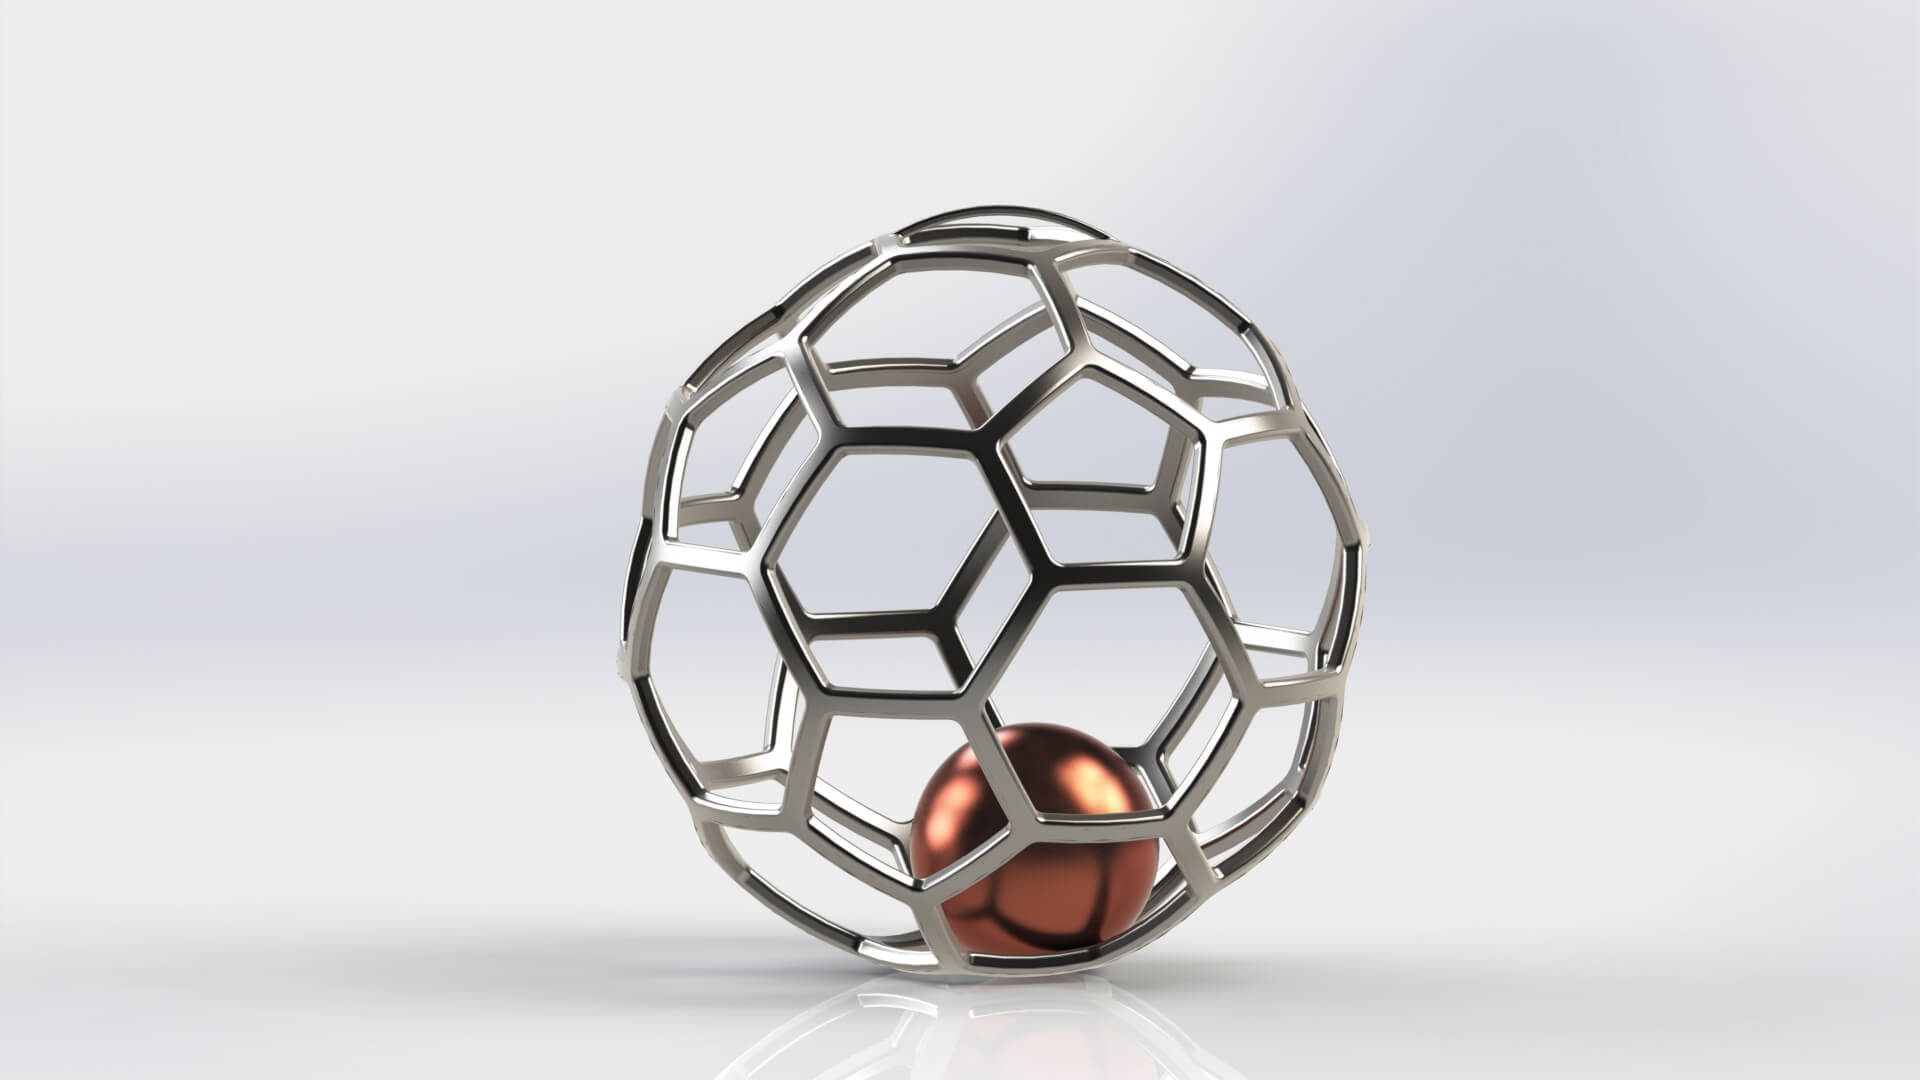 koule1 - Industry